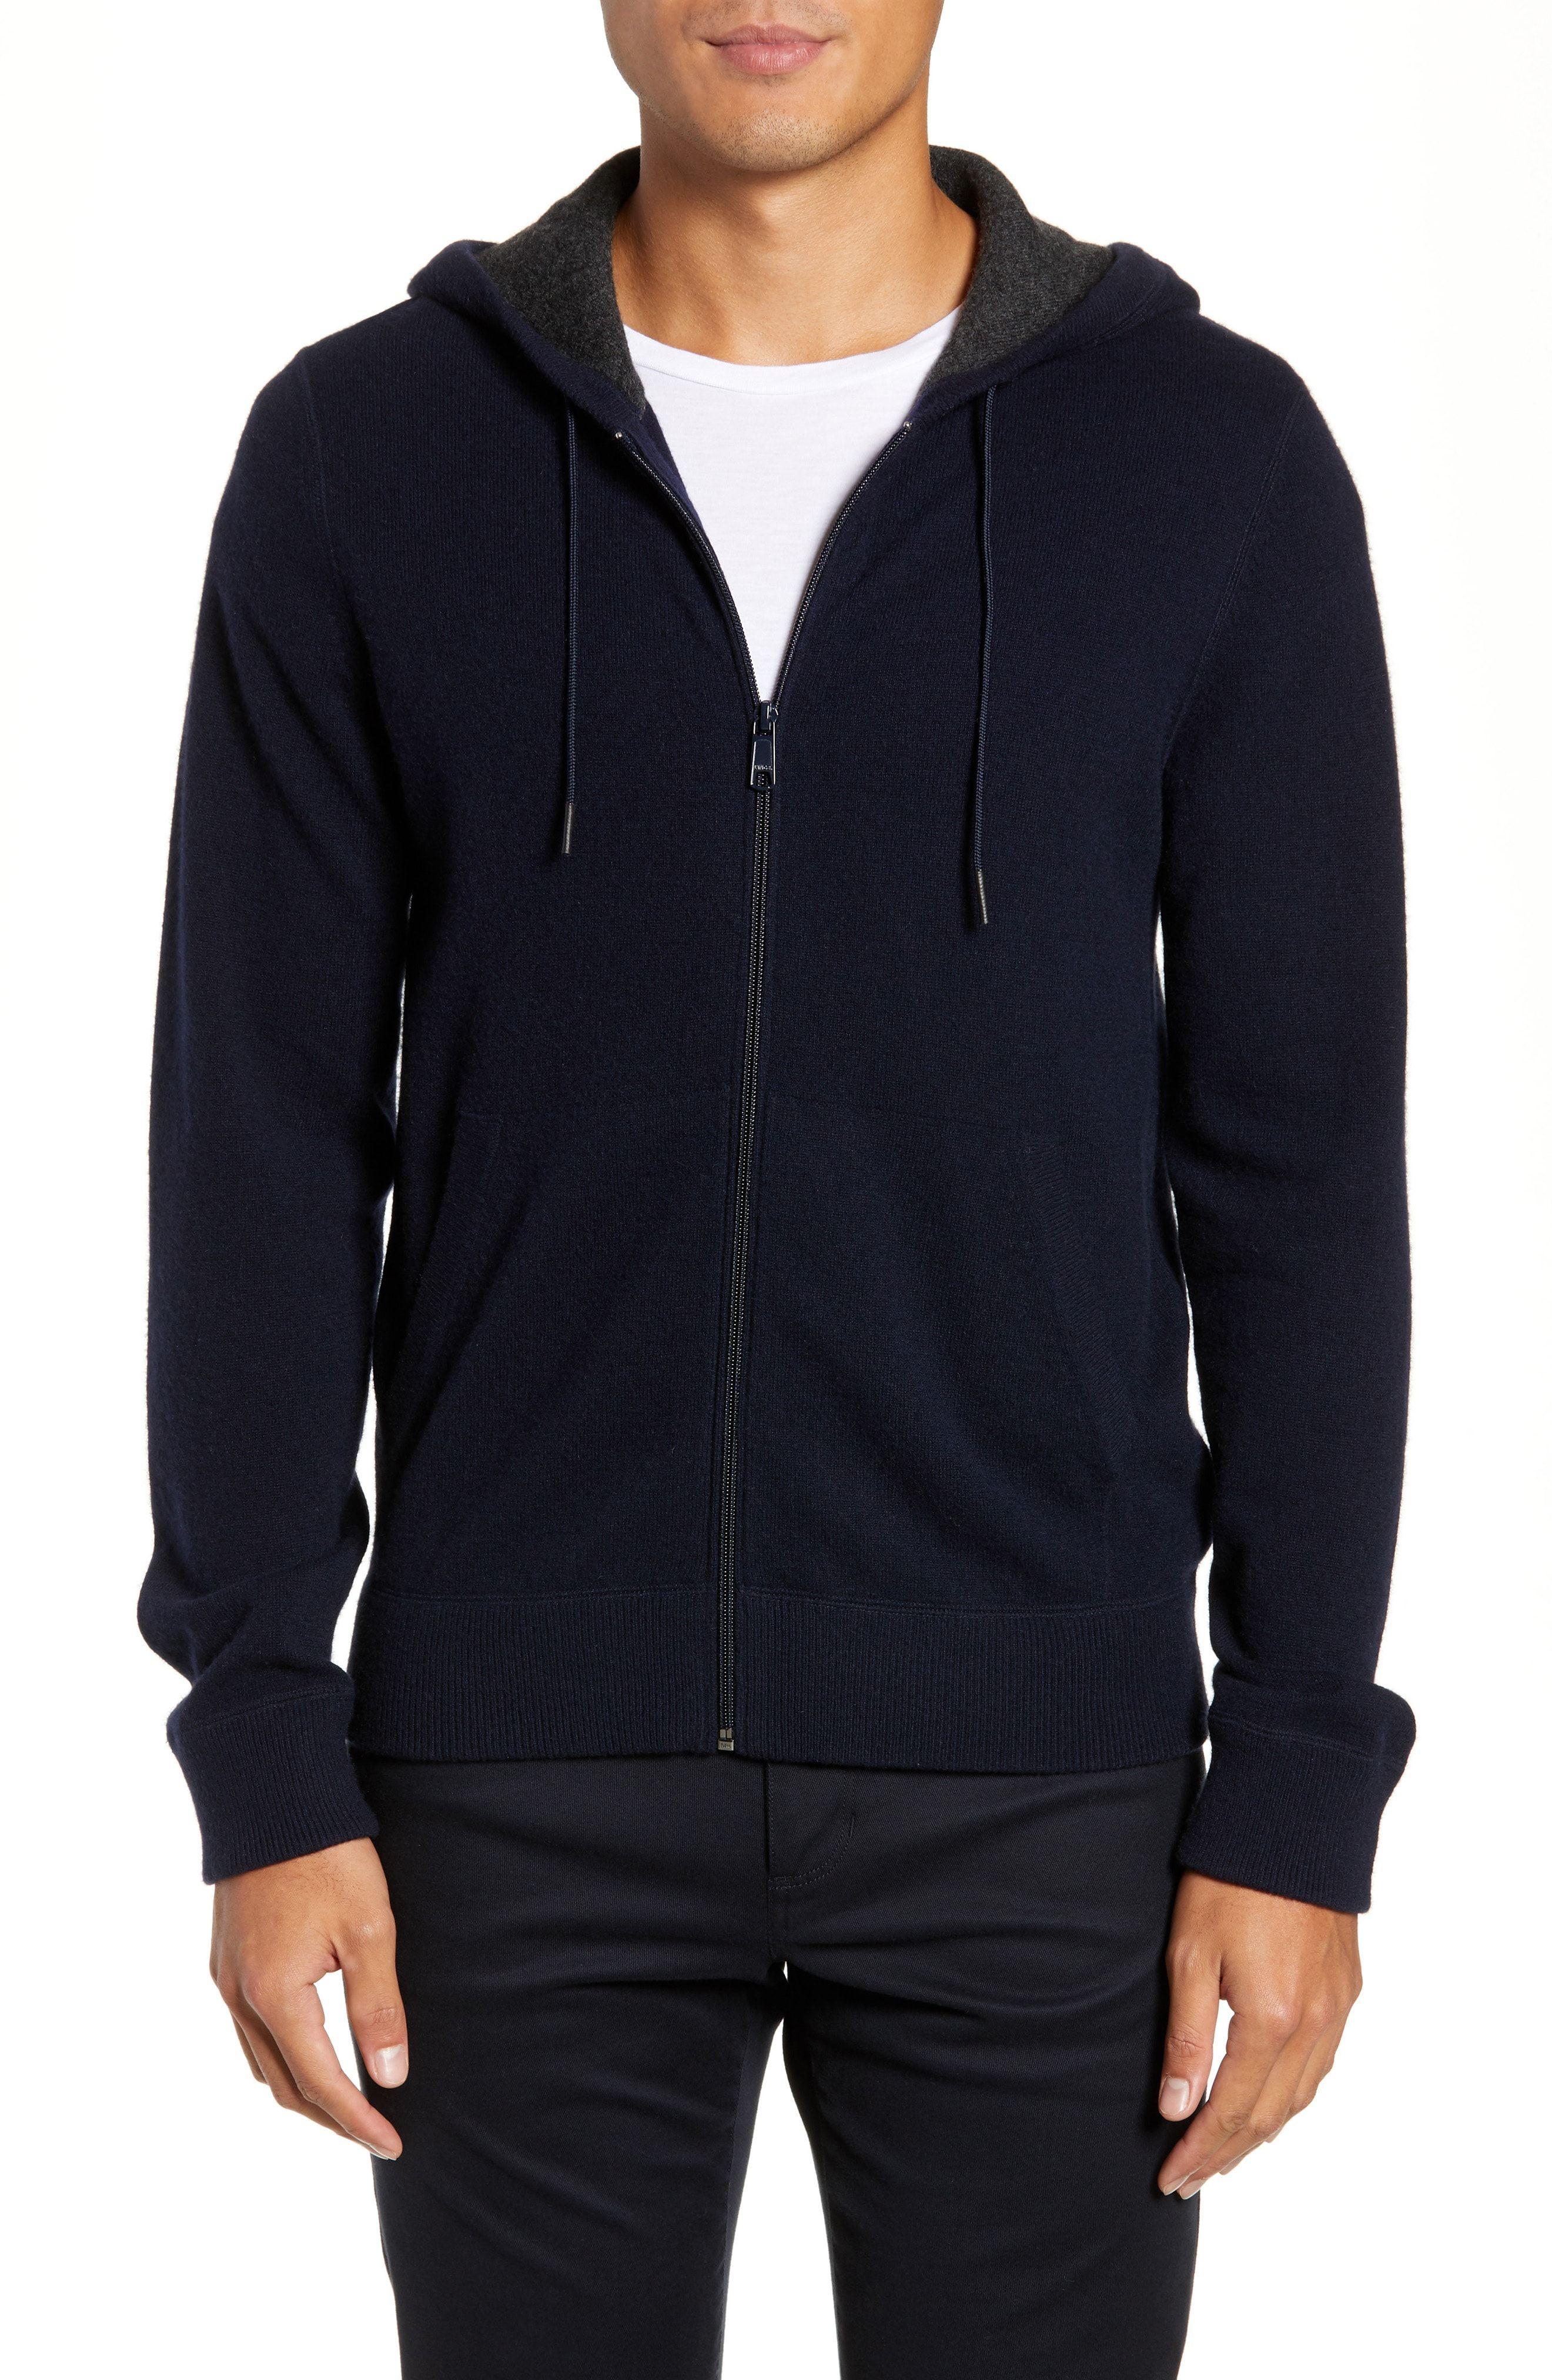 Mlotus Mens Stylish Zip Fleece Hoodie Hooded Slim Pullover Sweatshirt Black